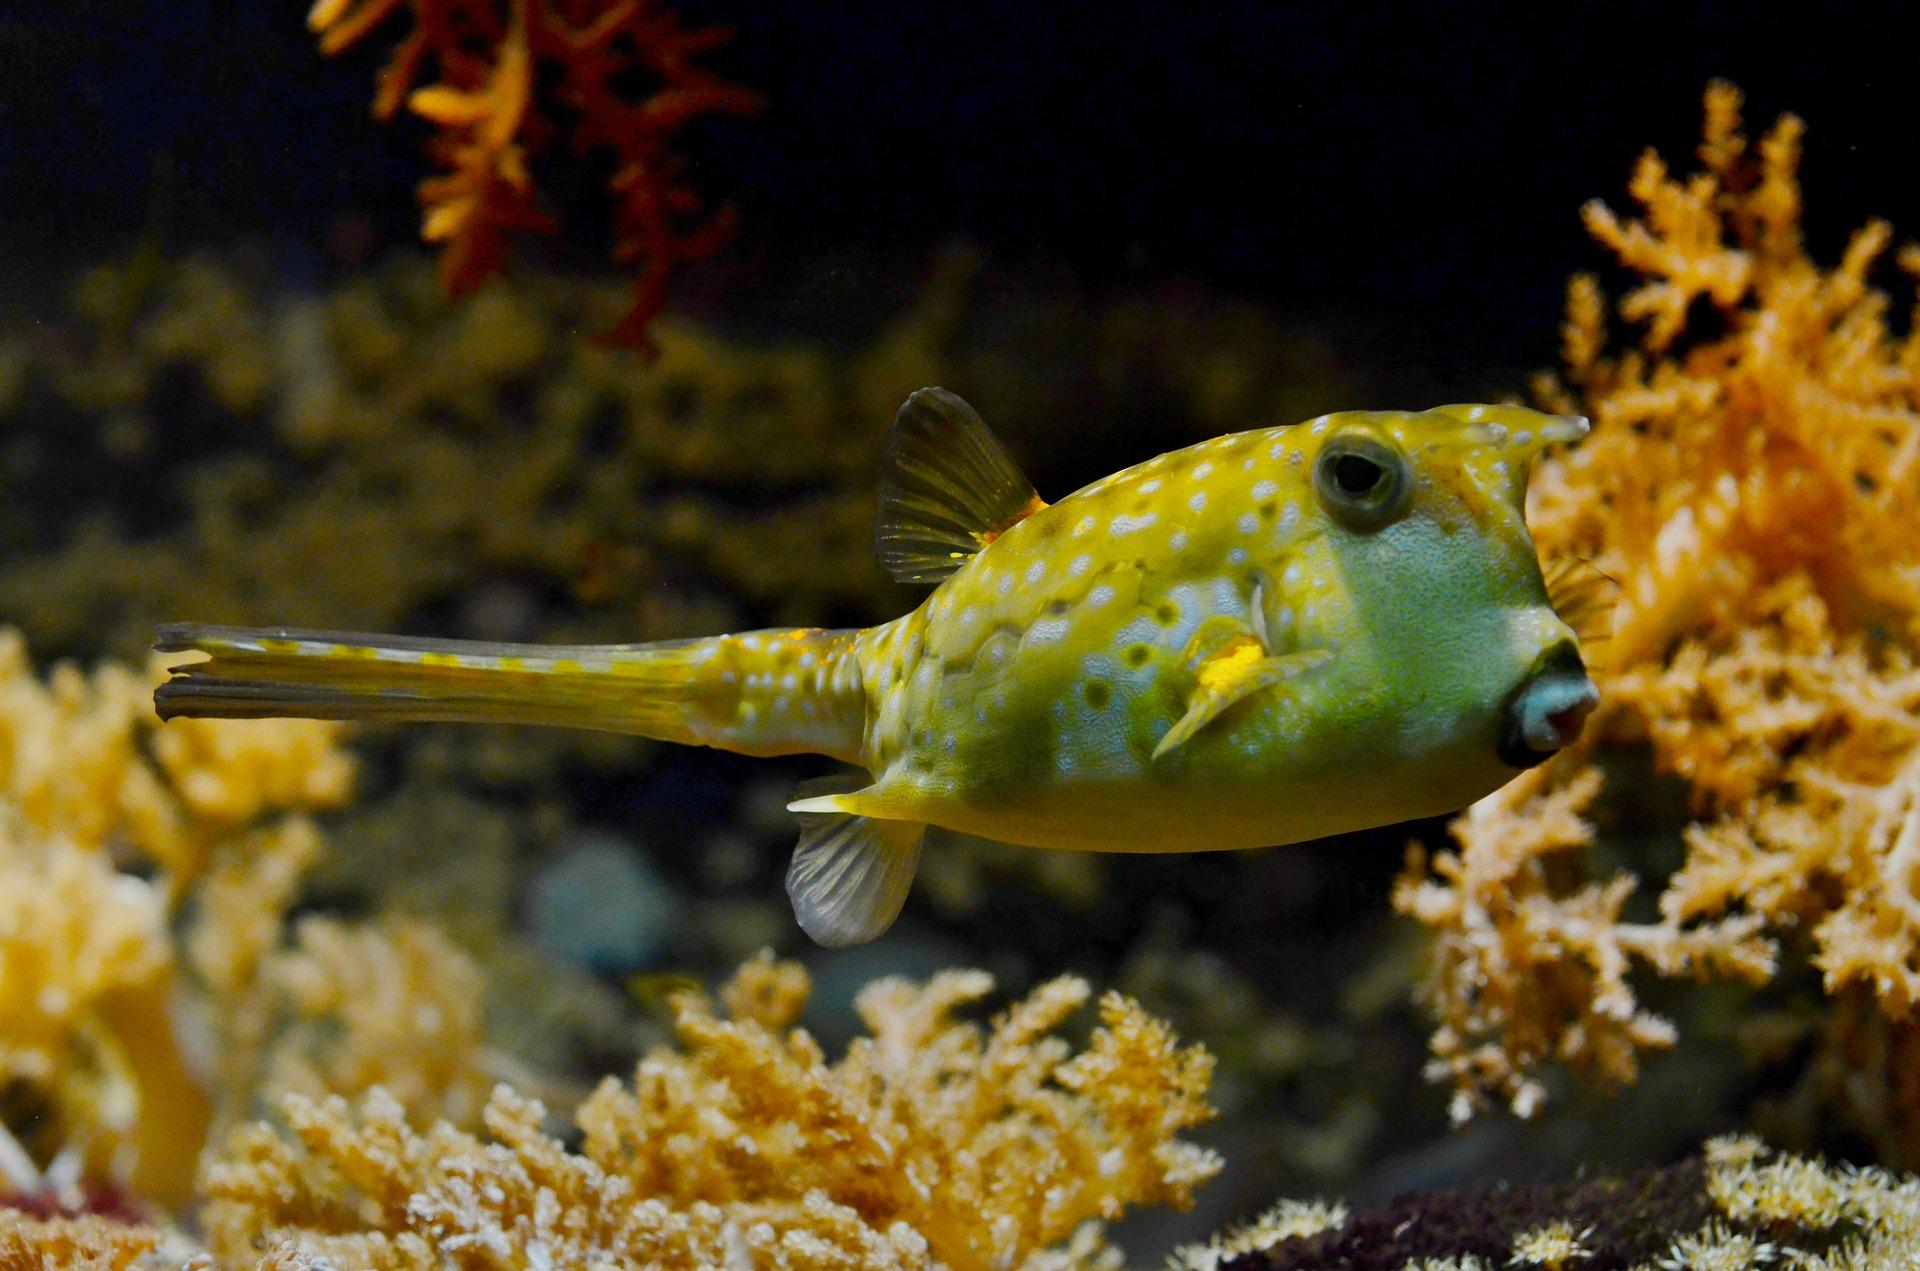 blowfish-609381_1920.jpg